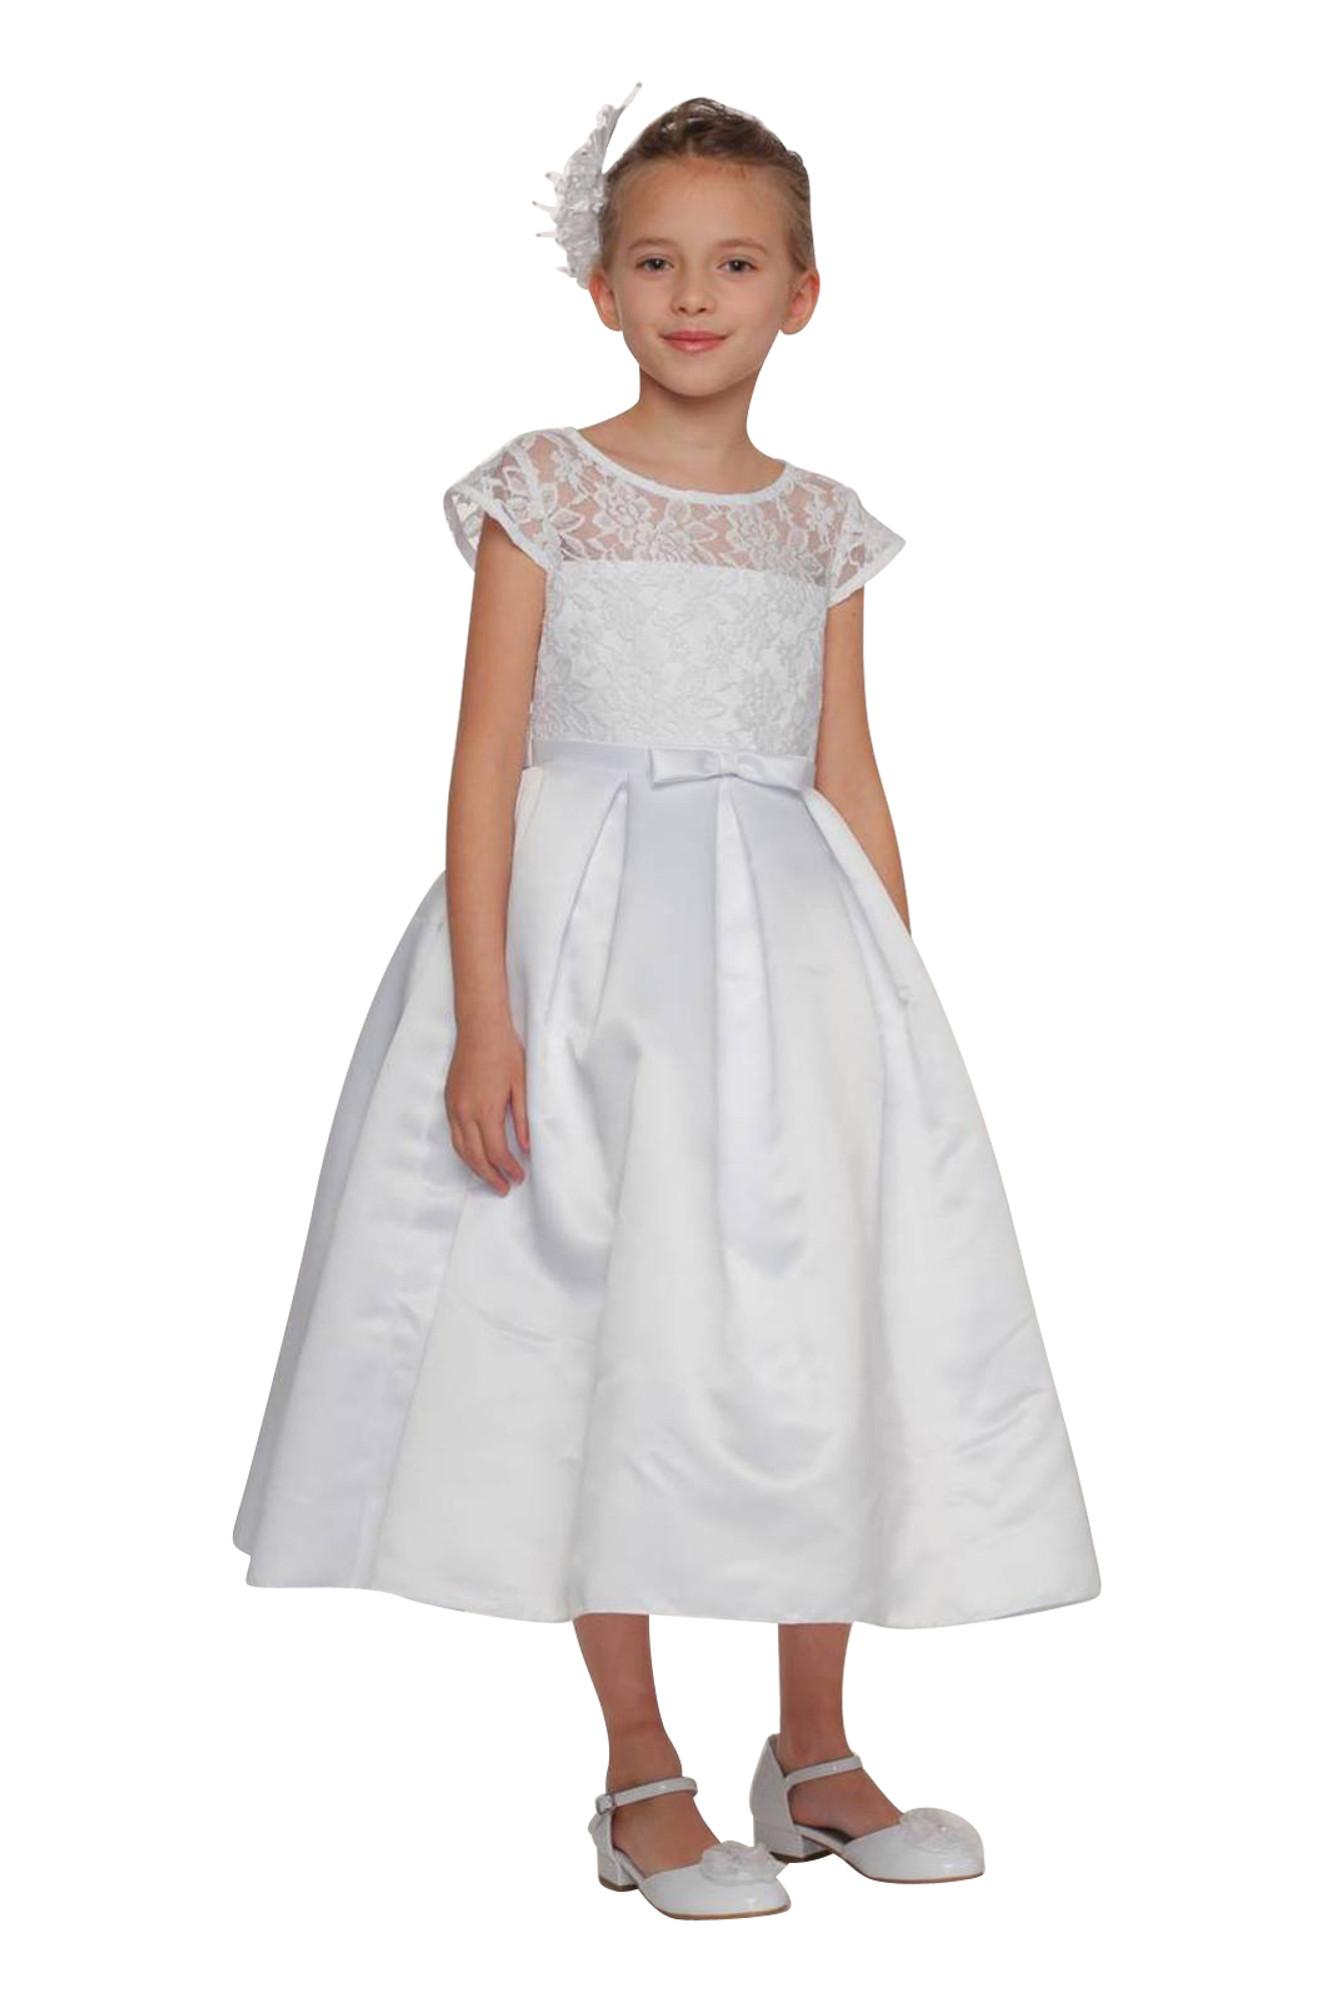 BIMARO Kommunionkleid Sally weiß Spitzenkleid Kleid Spitze Satin festlich schlicht Hochzeit Blumenmädchen Kommunion